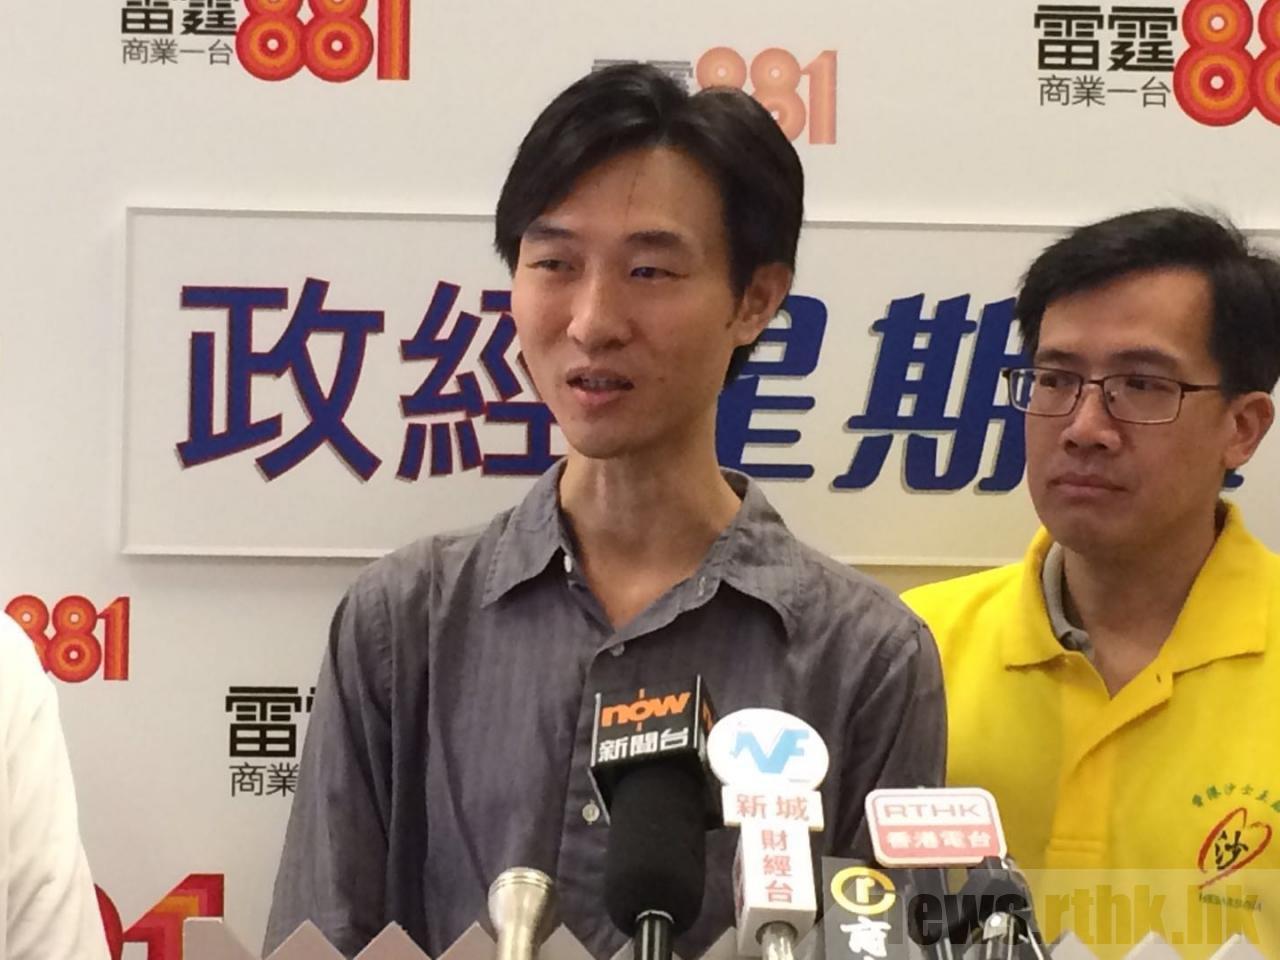 彭鴻昌表示,如果因為《醫生註冊修訂條例草案》令醫患關係破裂,是十分可惜。(鄧穎賢攝)